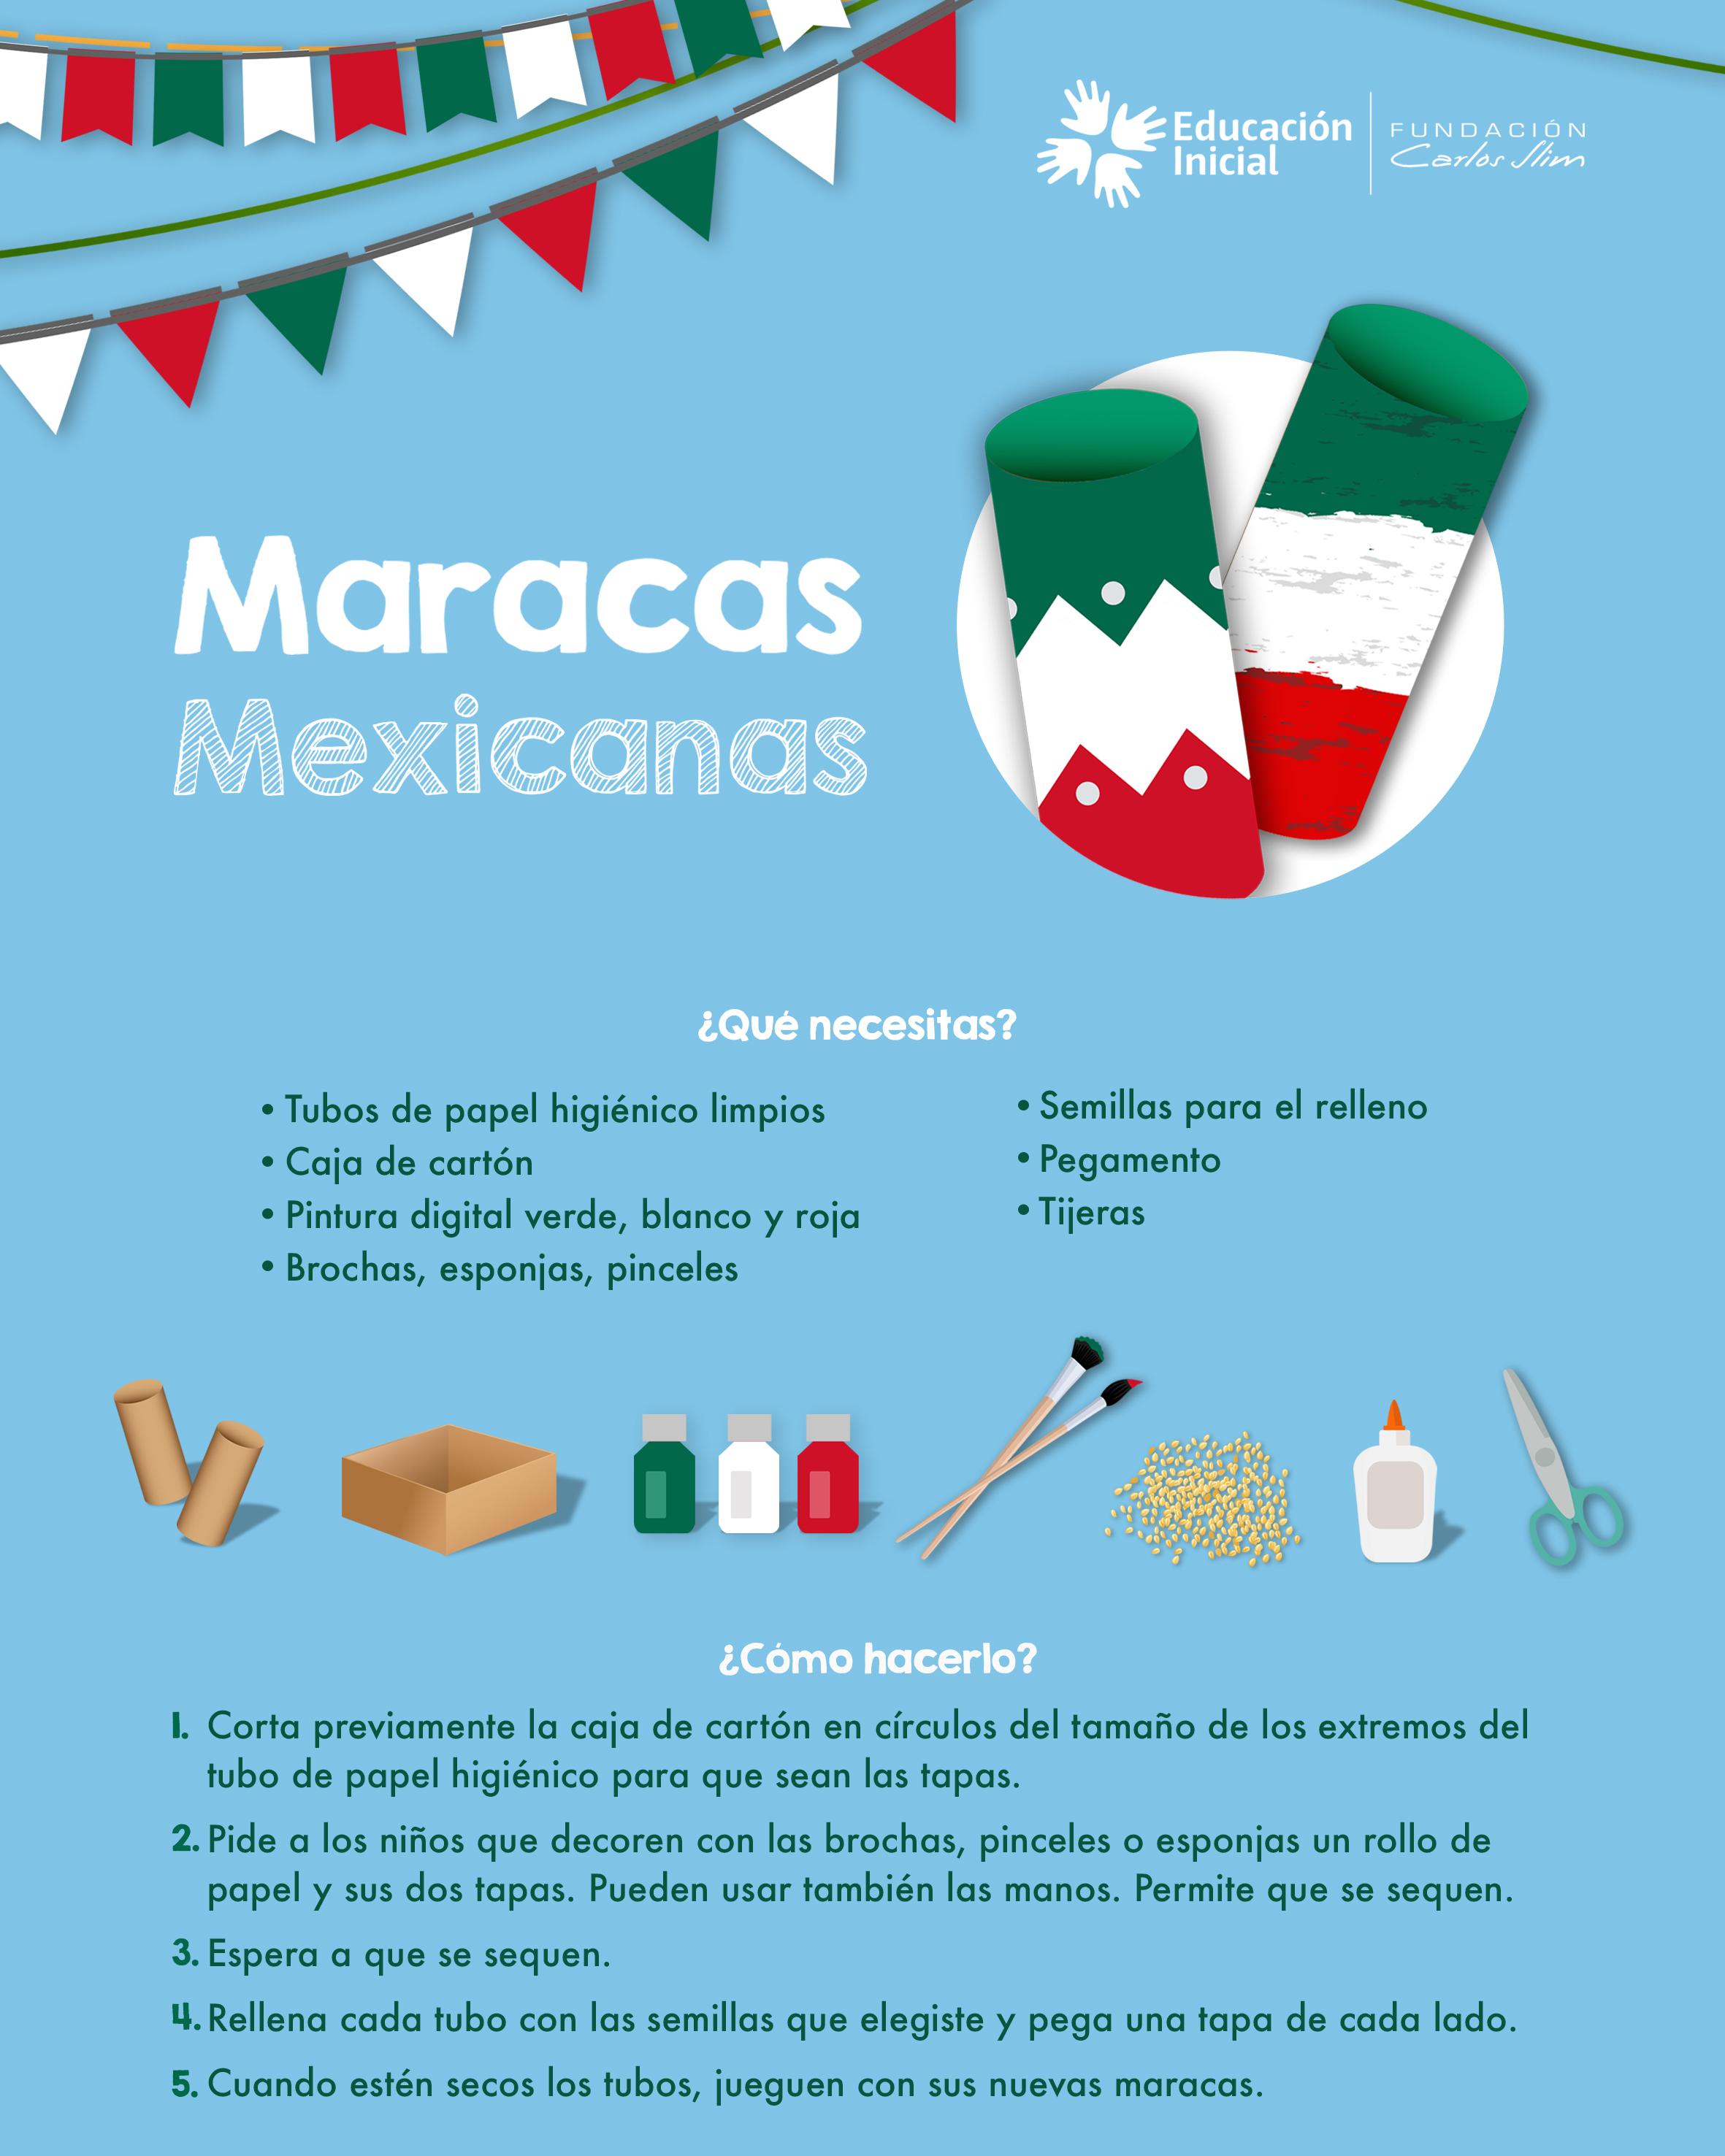 (558) Maracas Mexicanas